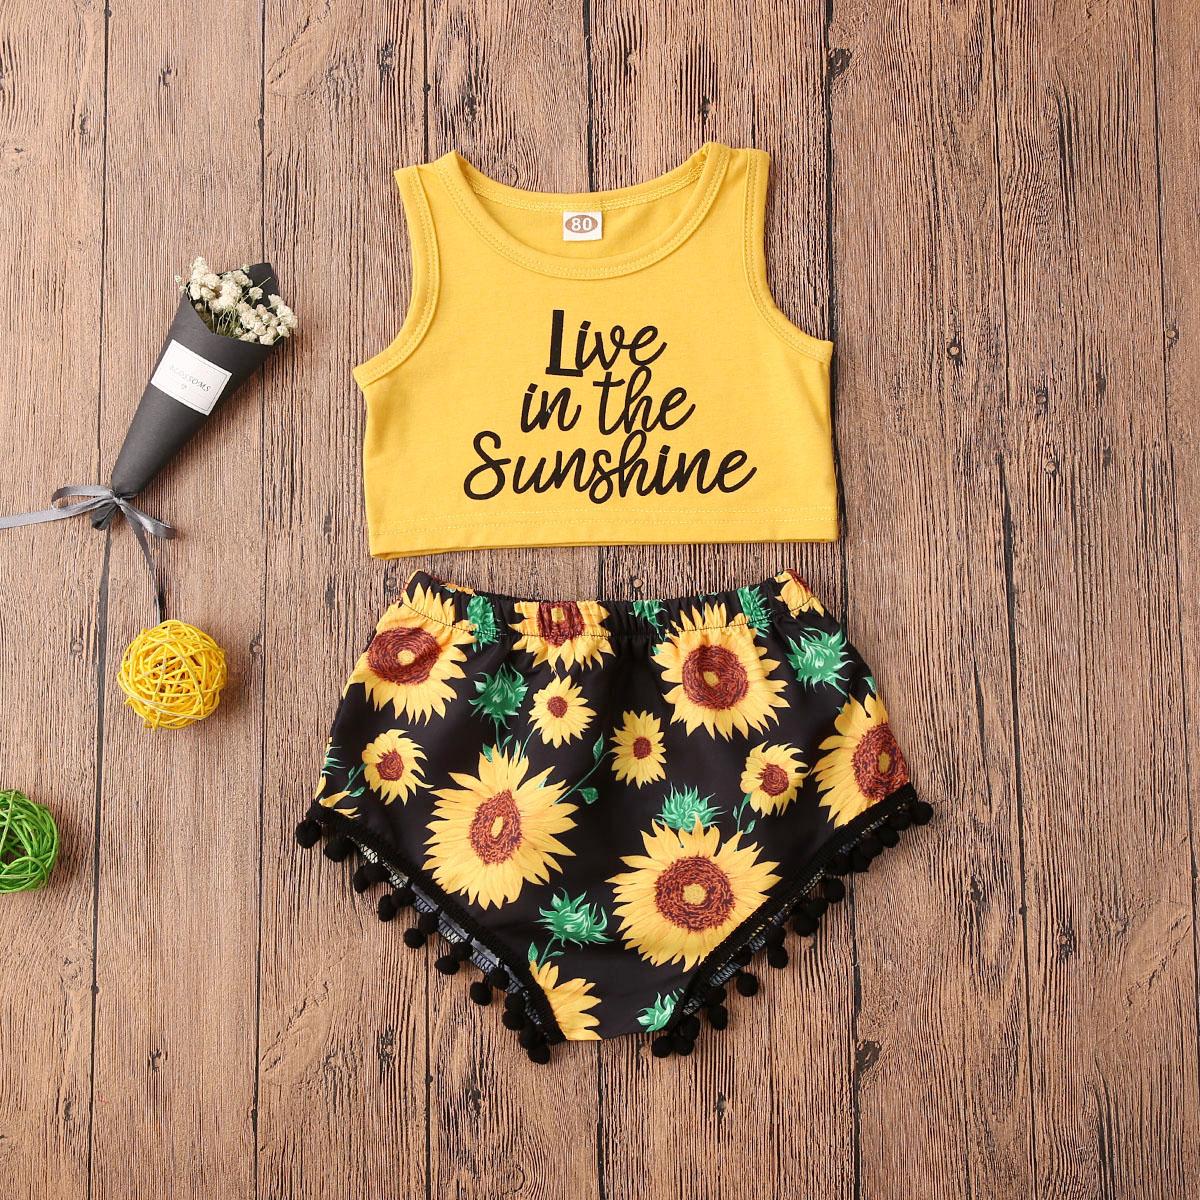 Pudcoco Newborn Baby Girl Clothes Letter Print Sleeveless Vest Tops Sunflower Print Short Pants 2Pcs Outfits Cotton Sunsuit Set